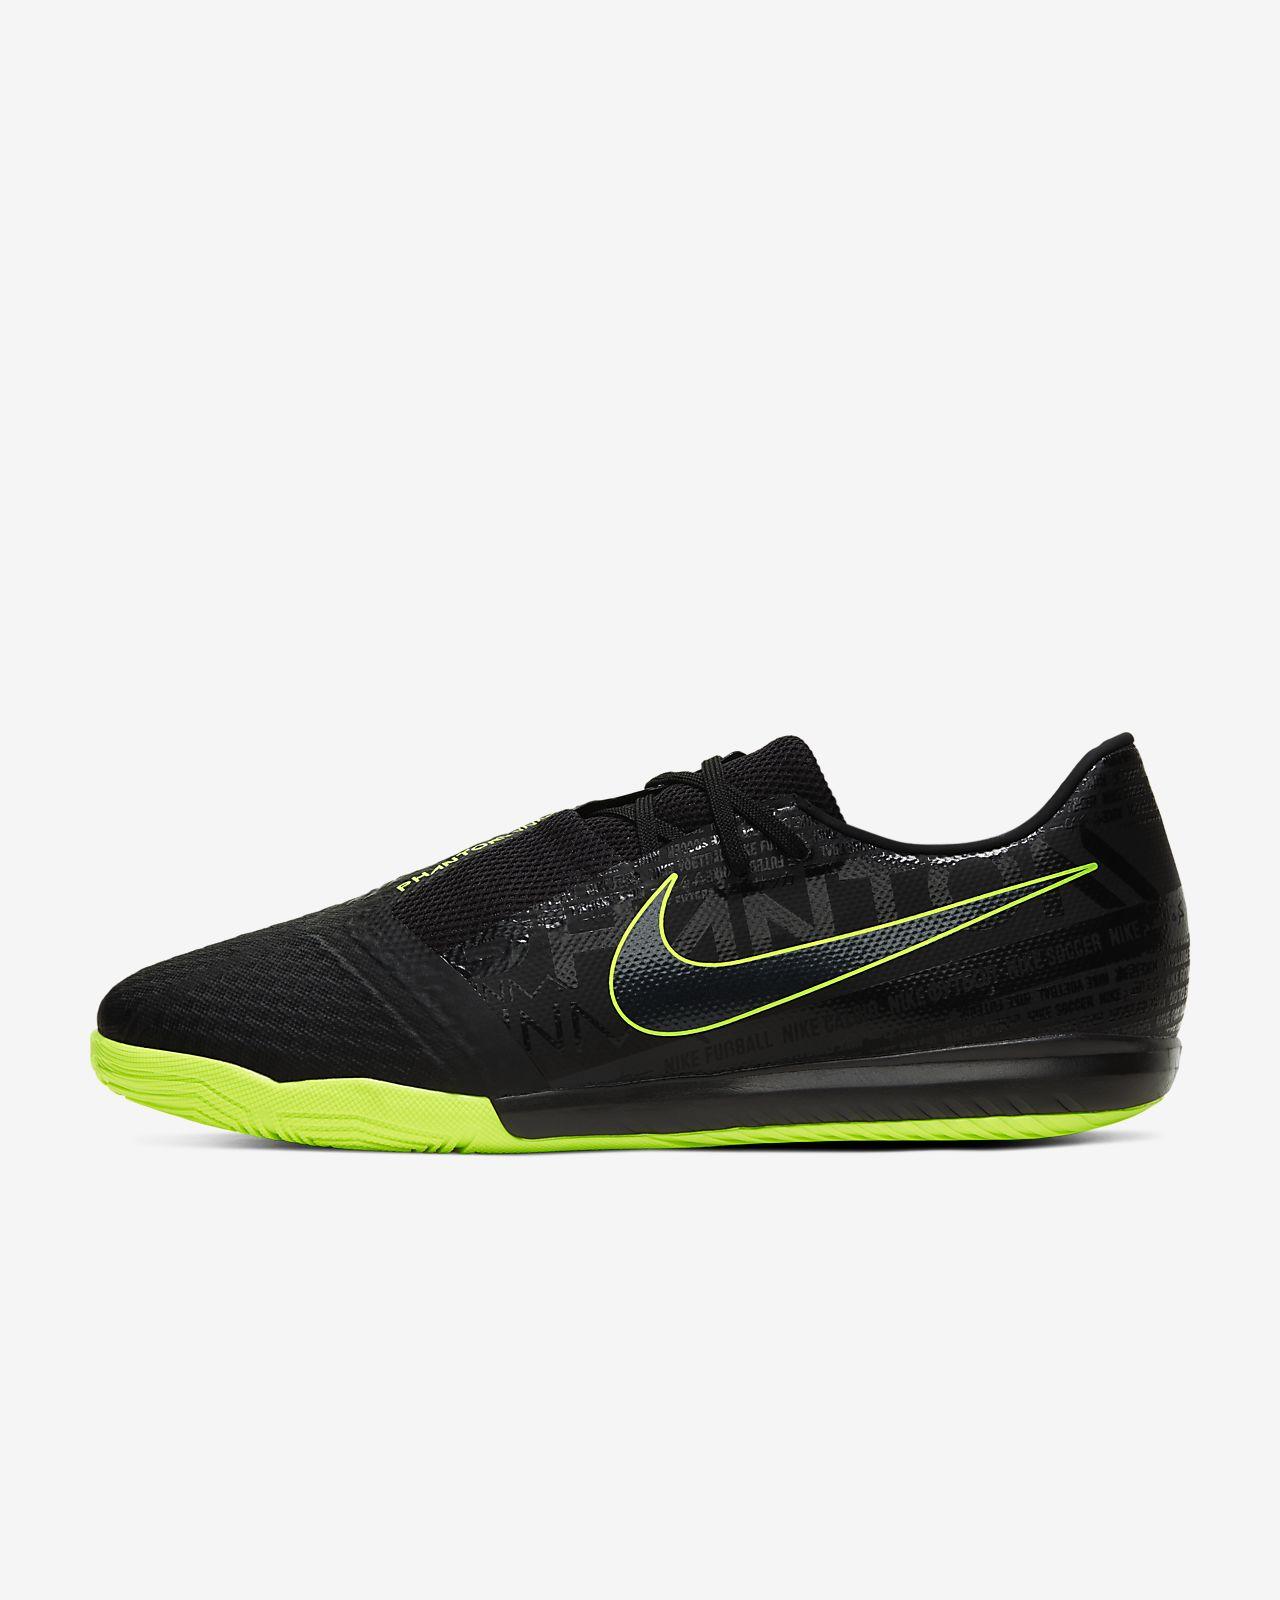 Nike Phantom Venom Academy IC fotballsko til innendørsbane/gate